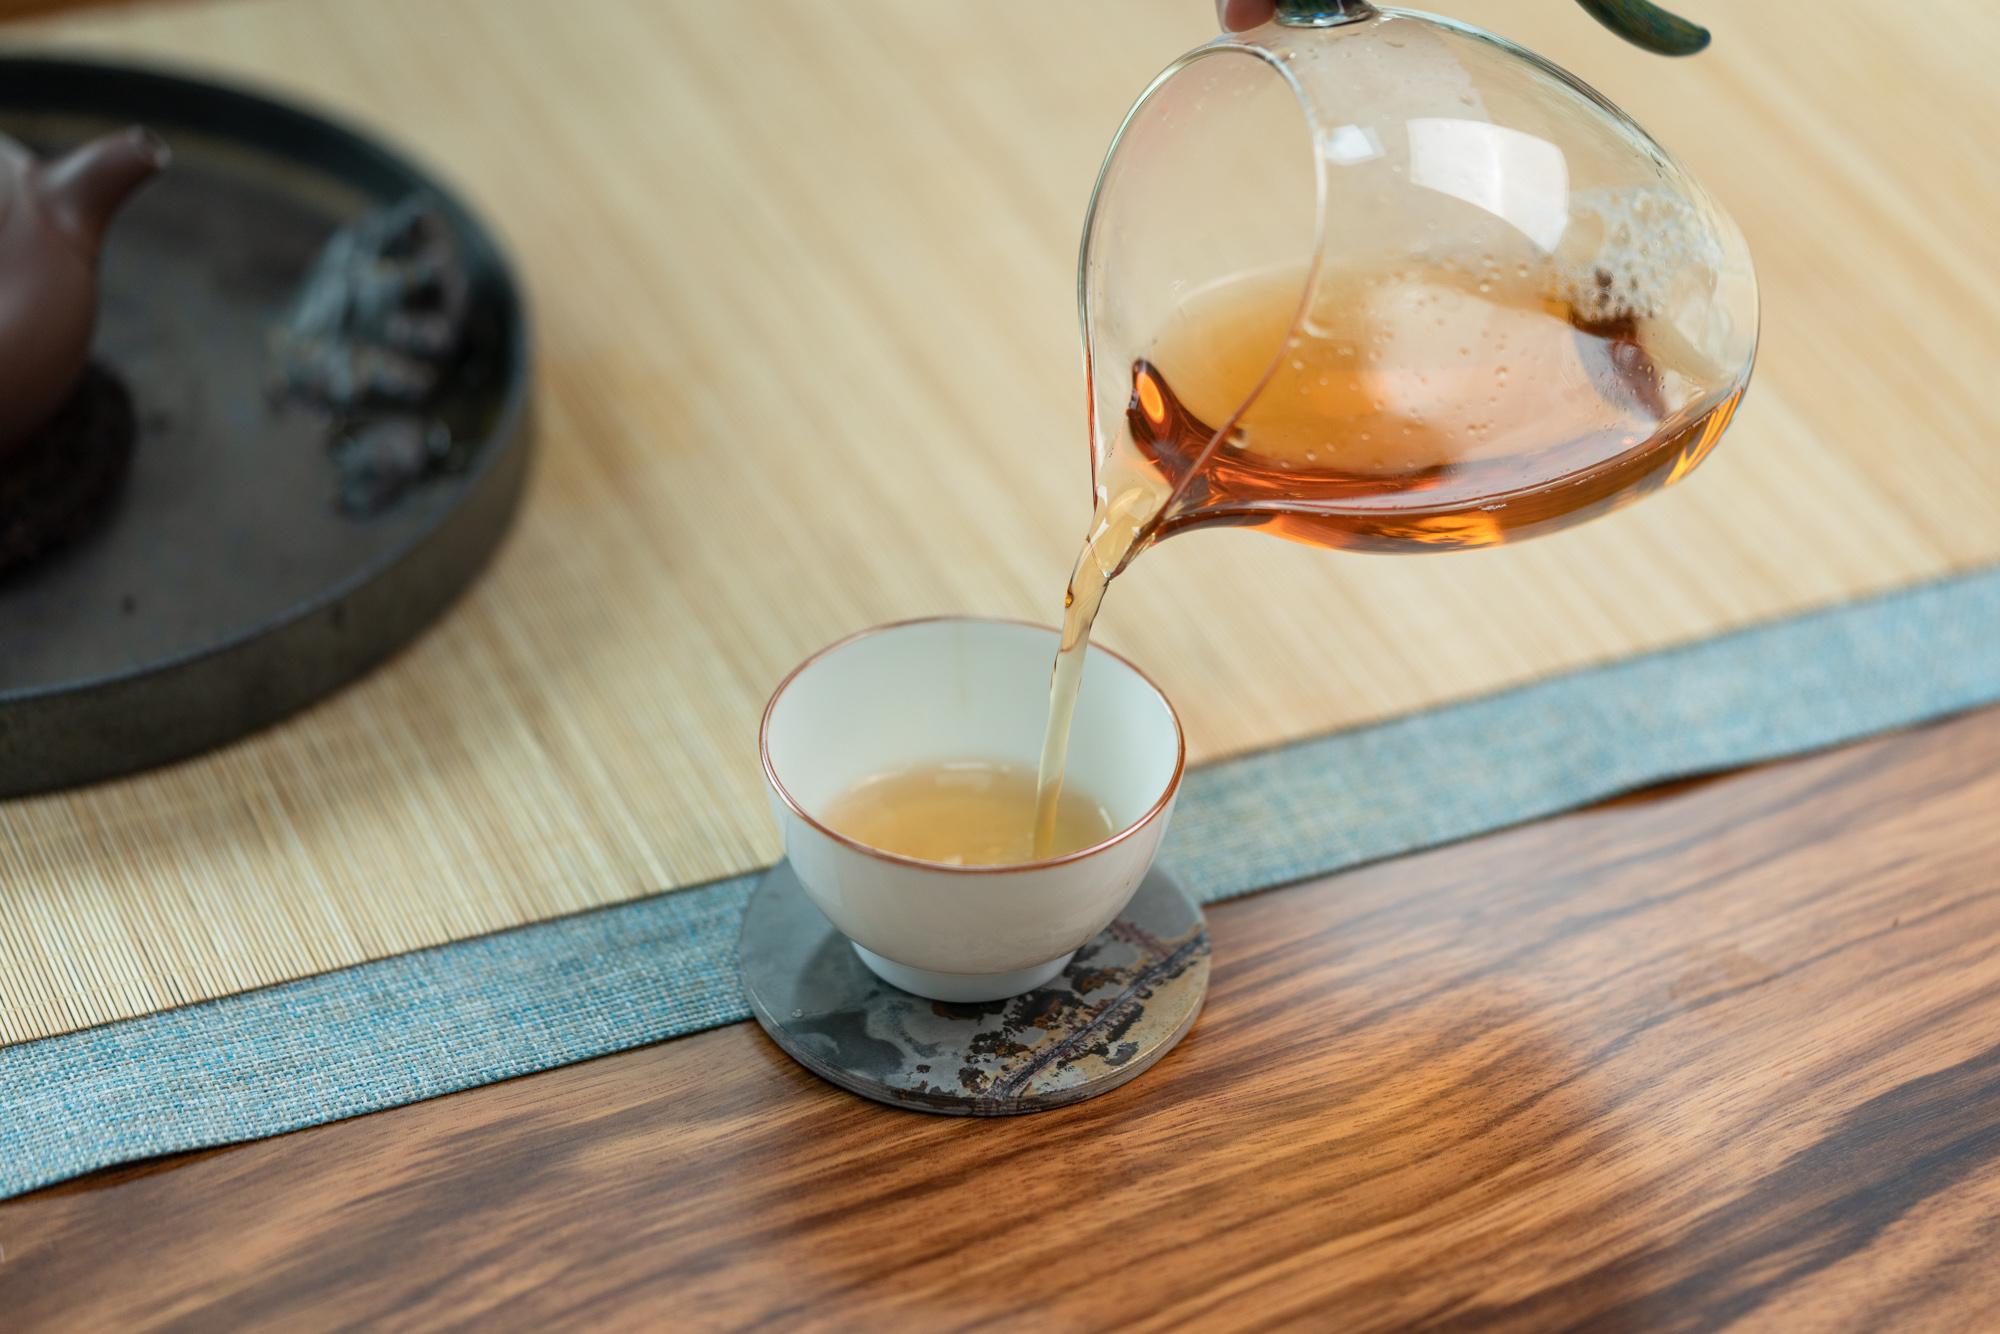 小喜年-为什么男人都喜欢用紫砂壶泡茶?原因主要有四个